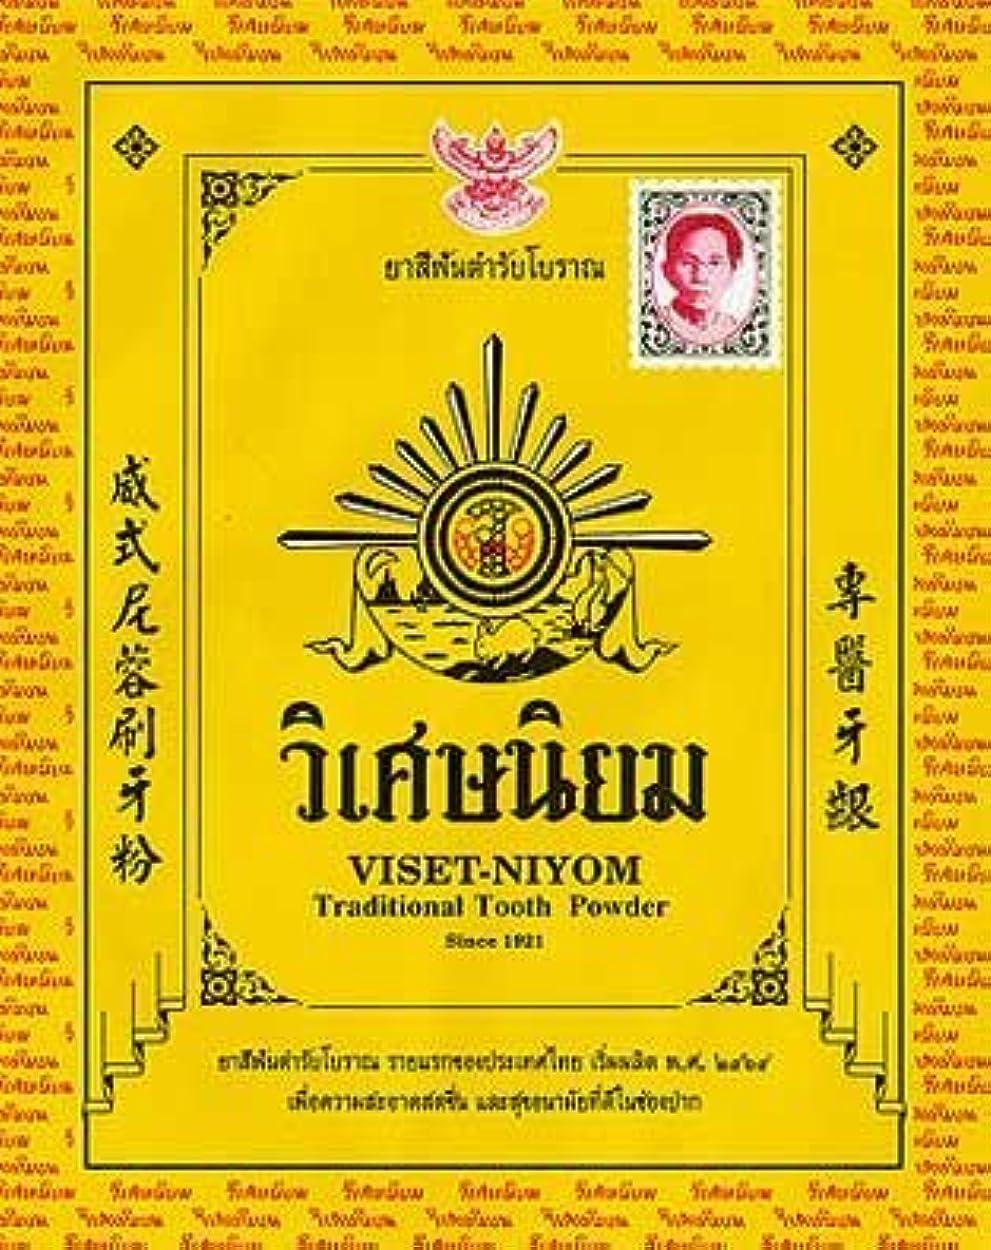 未就学どっち直立Herbal Whitening Tooth Powder Thai Original Traditional Toothpaste 40 G. x 2 Packs by Viset Niyom Tooth Powder